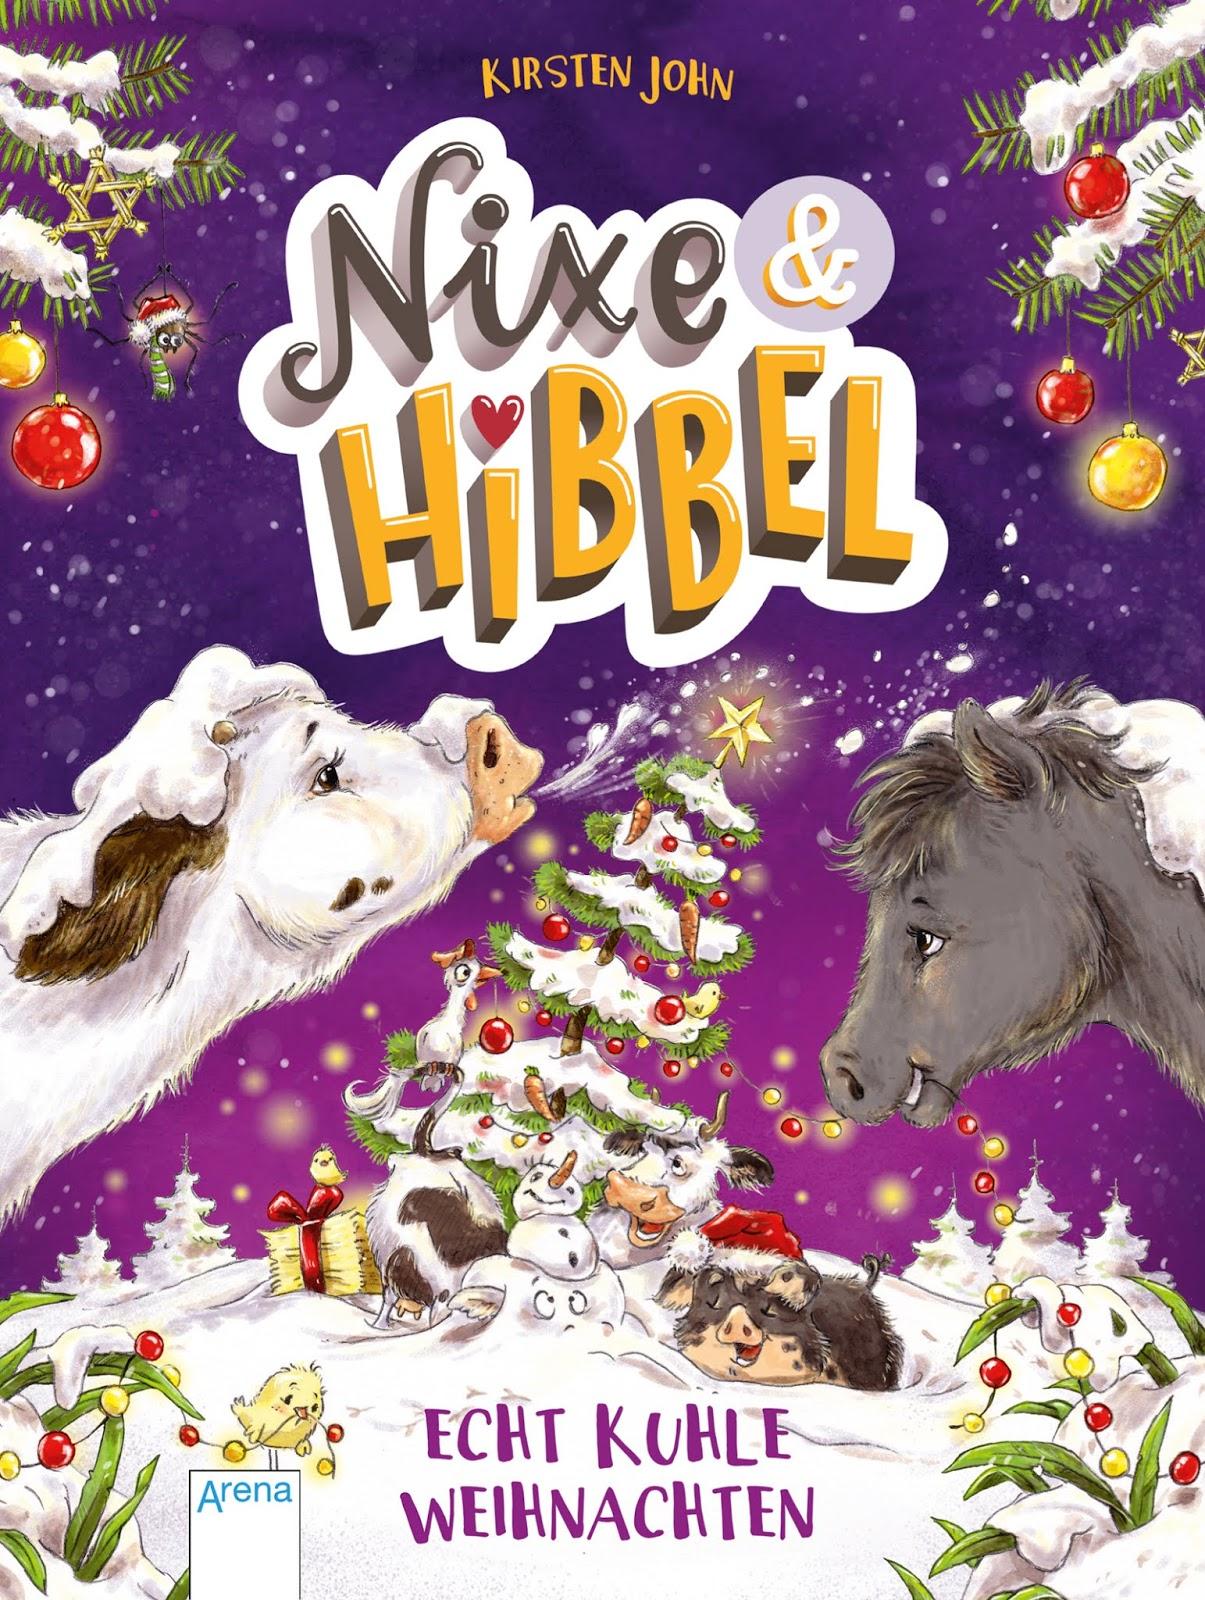 Adventskalender mit der Nixe Hibbel aus dem Arena Verlag